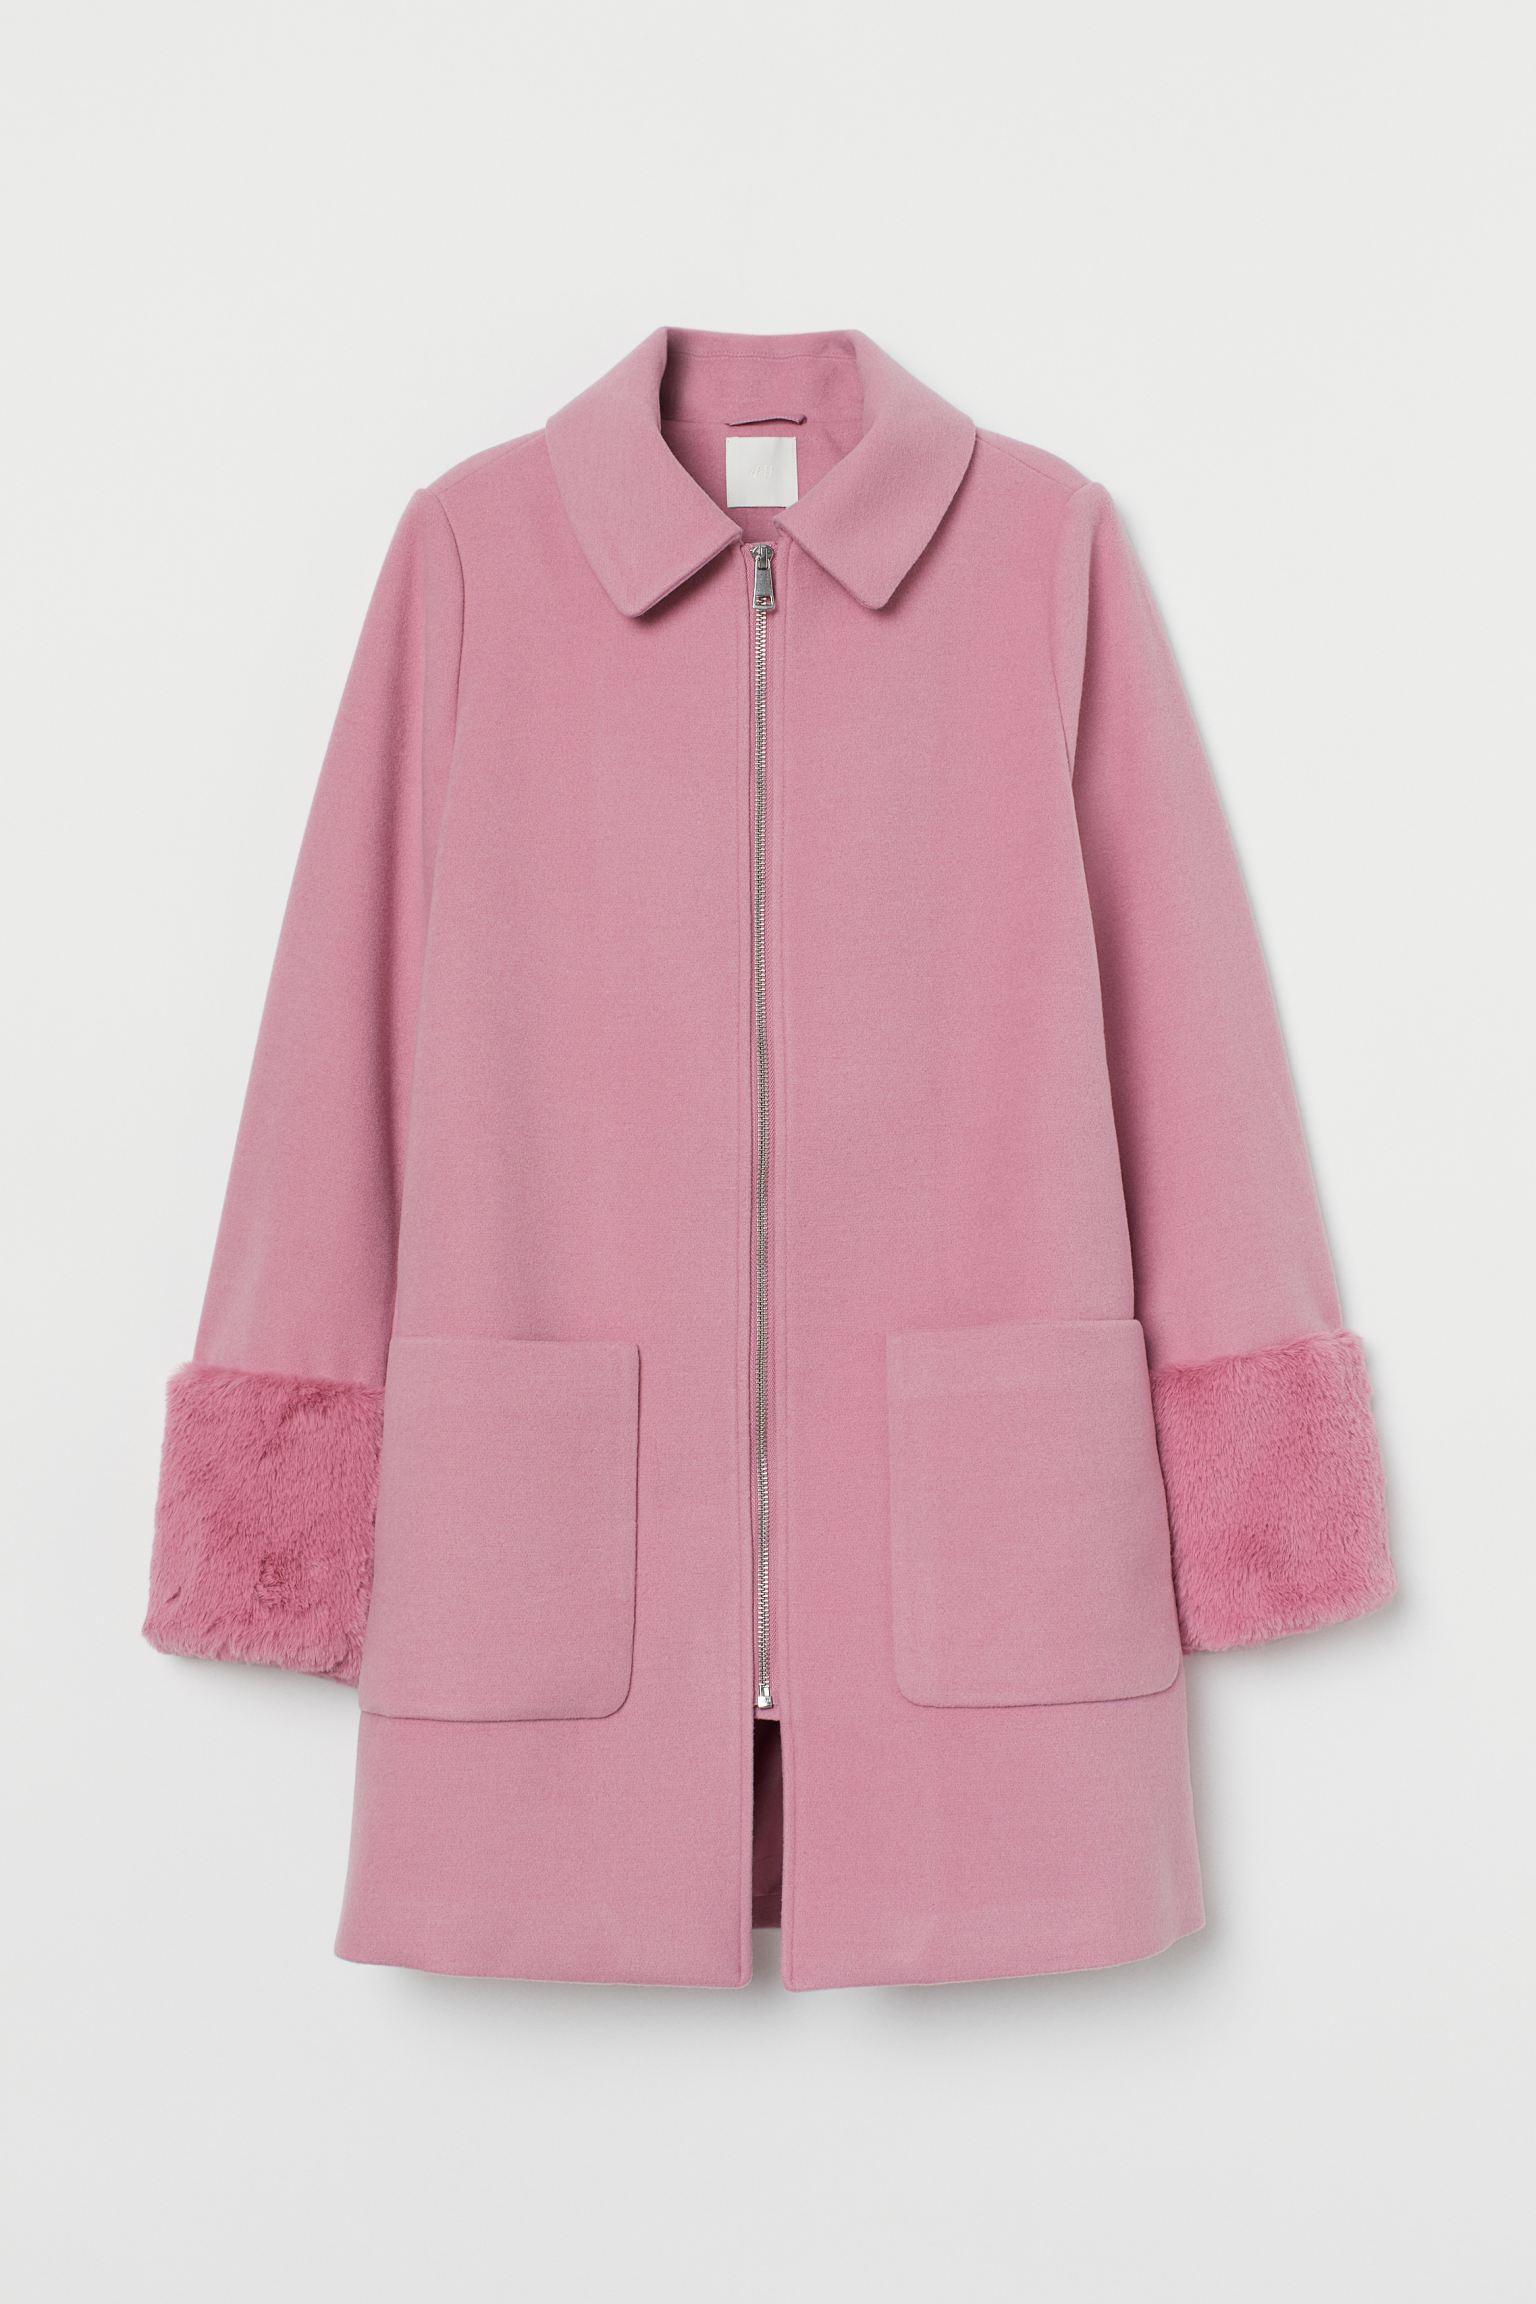 Abrigo rosa con cremallera y mangas de peluche